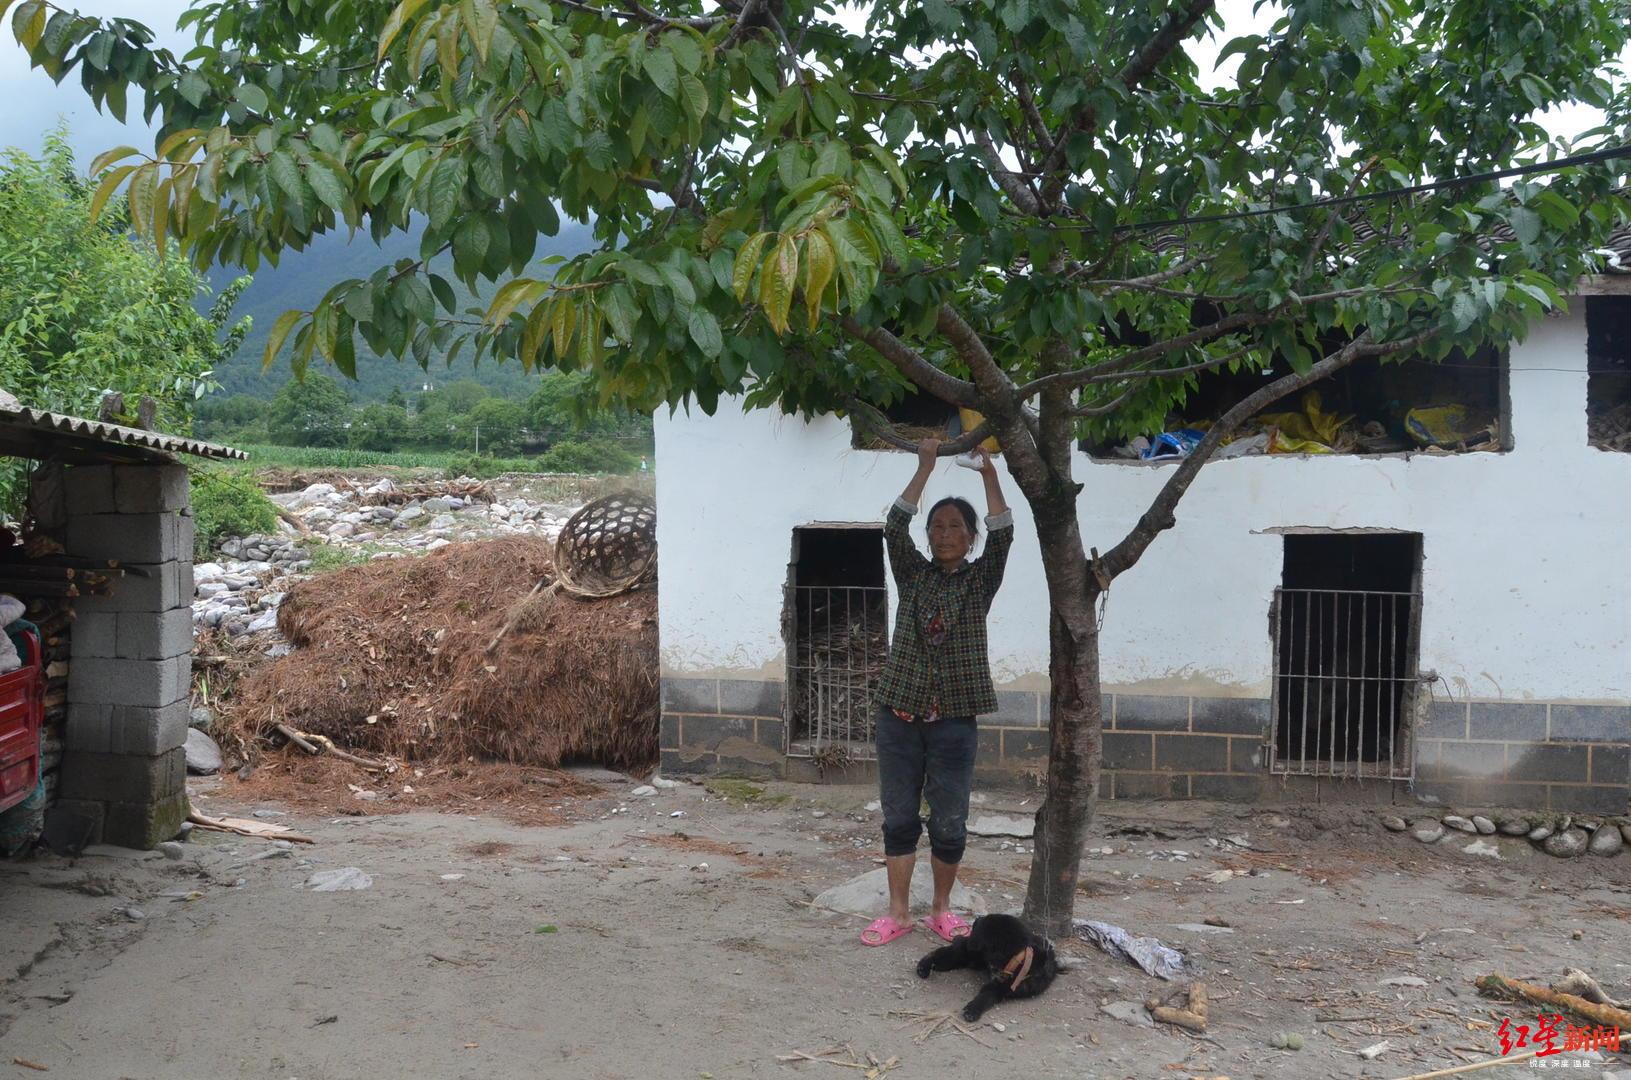 某色莫卡布说其时邻人家小女孩就捉住这颗樱桃树